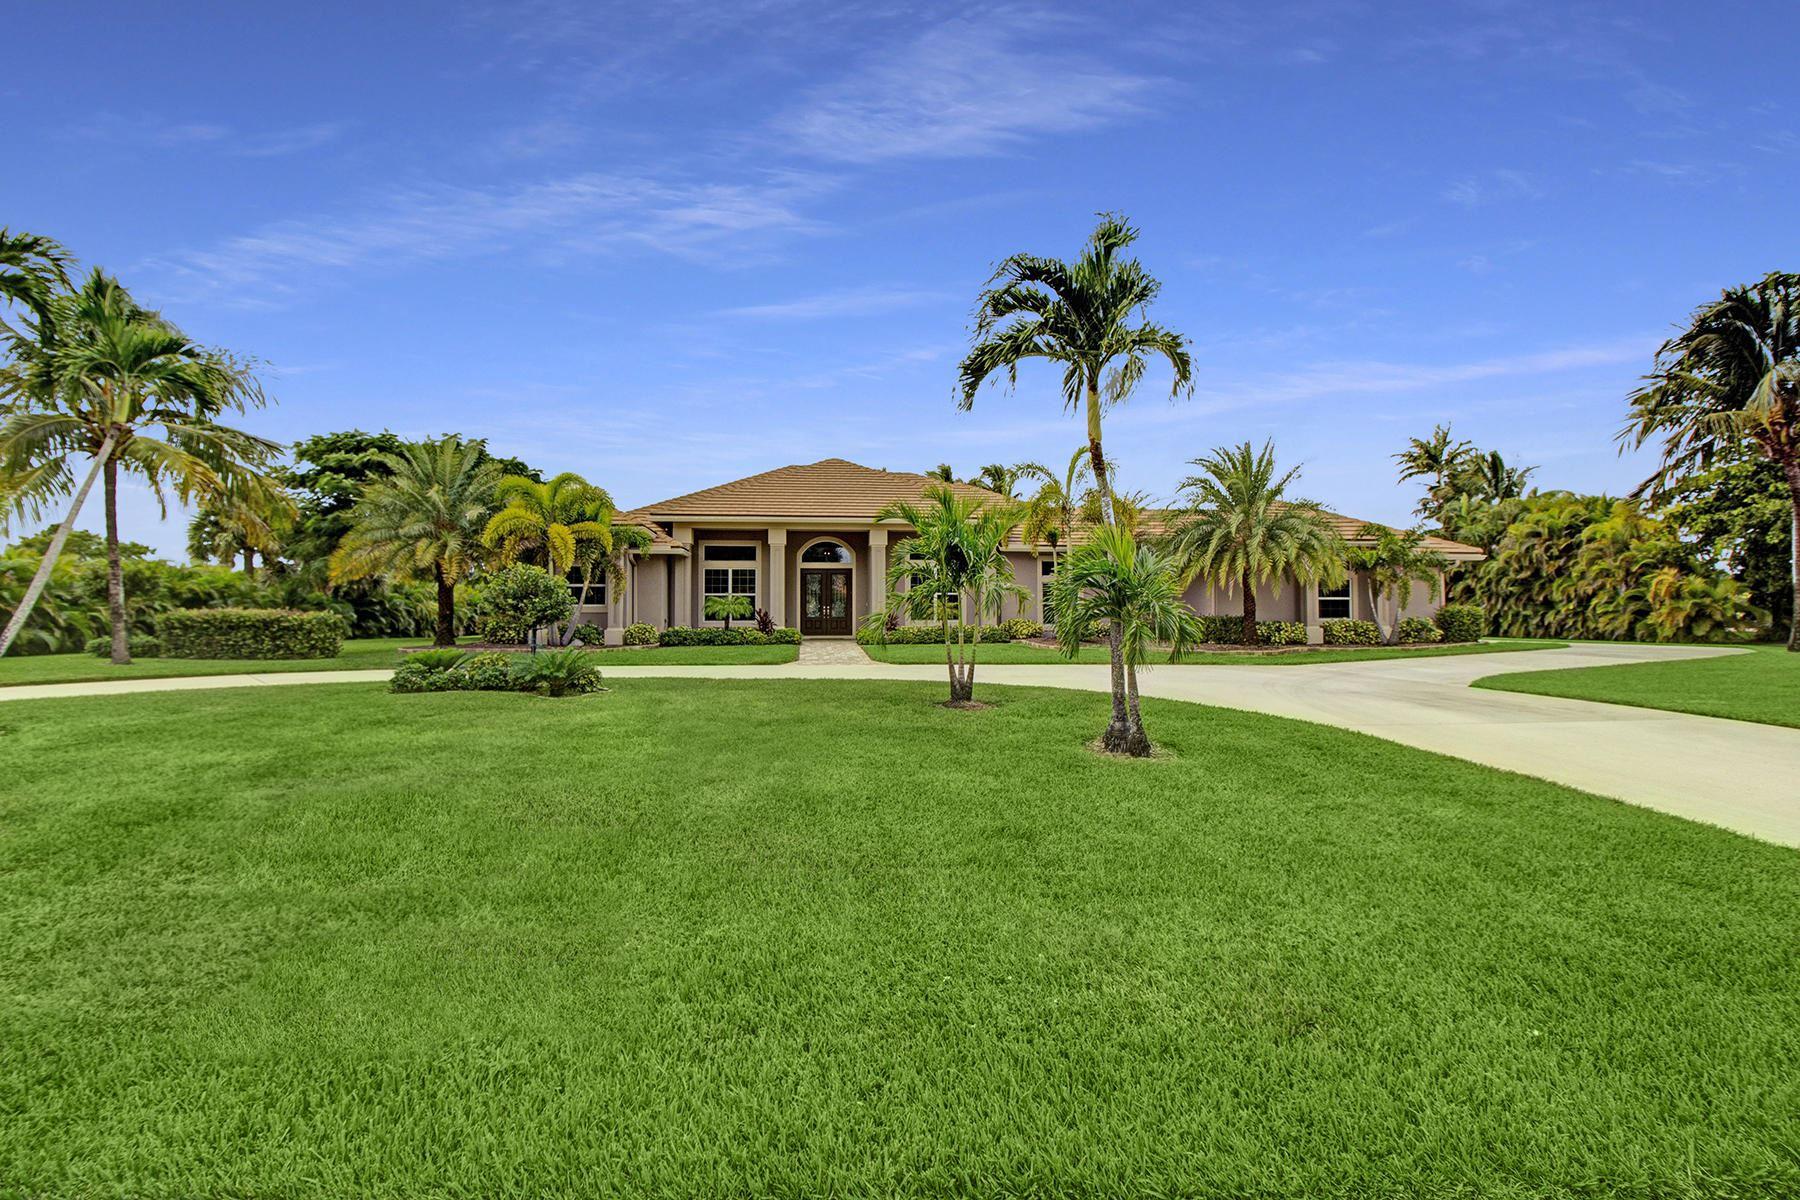 8219 Damascus Drive, Palm Beach Gardens, FL 33418 - #: RX-10668444